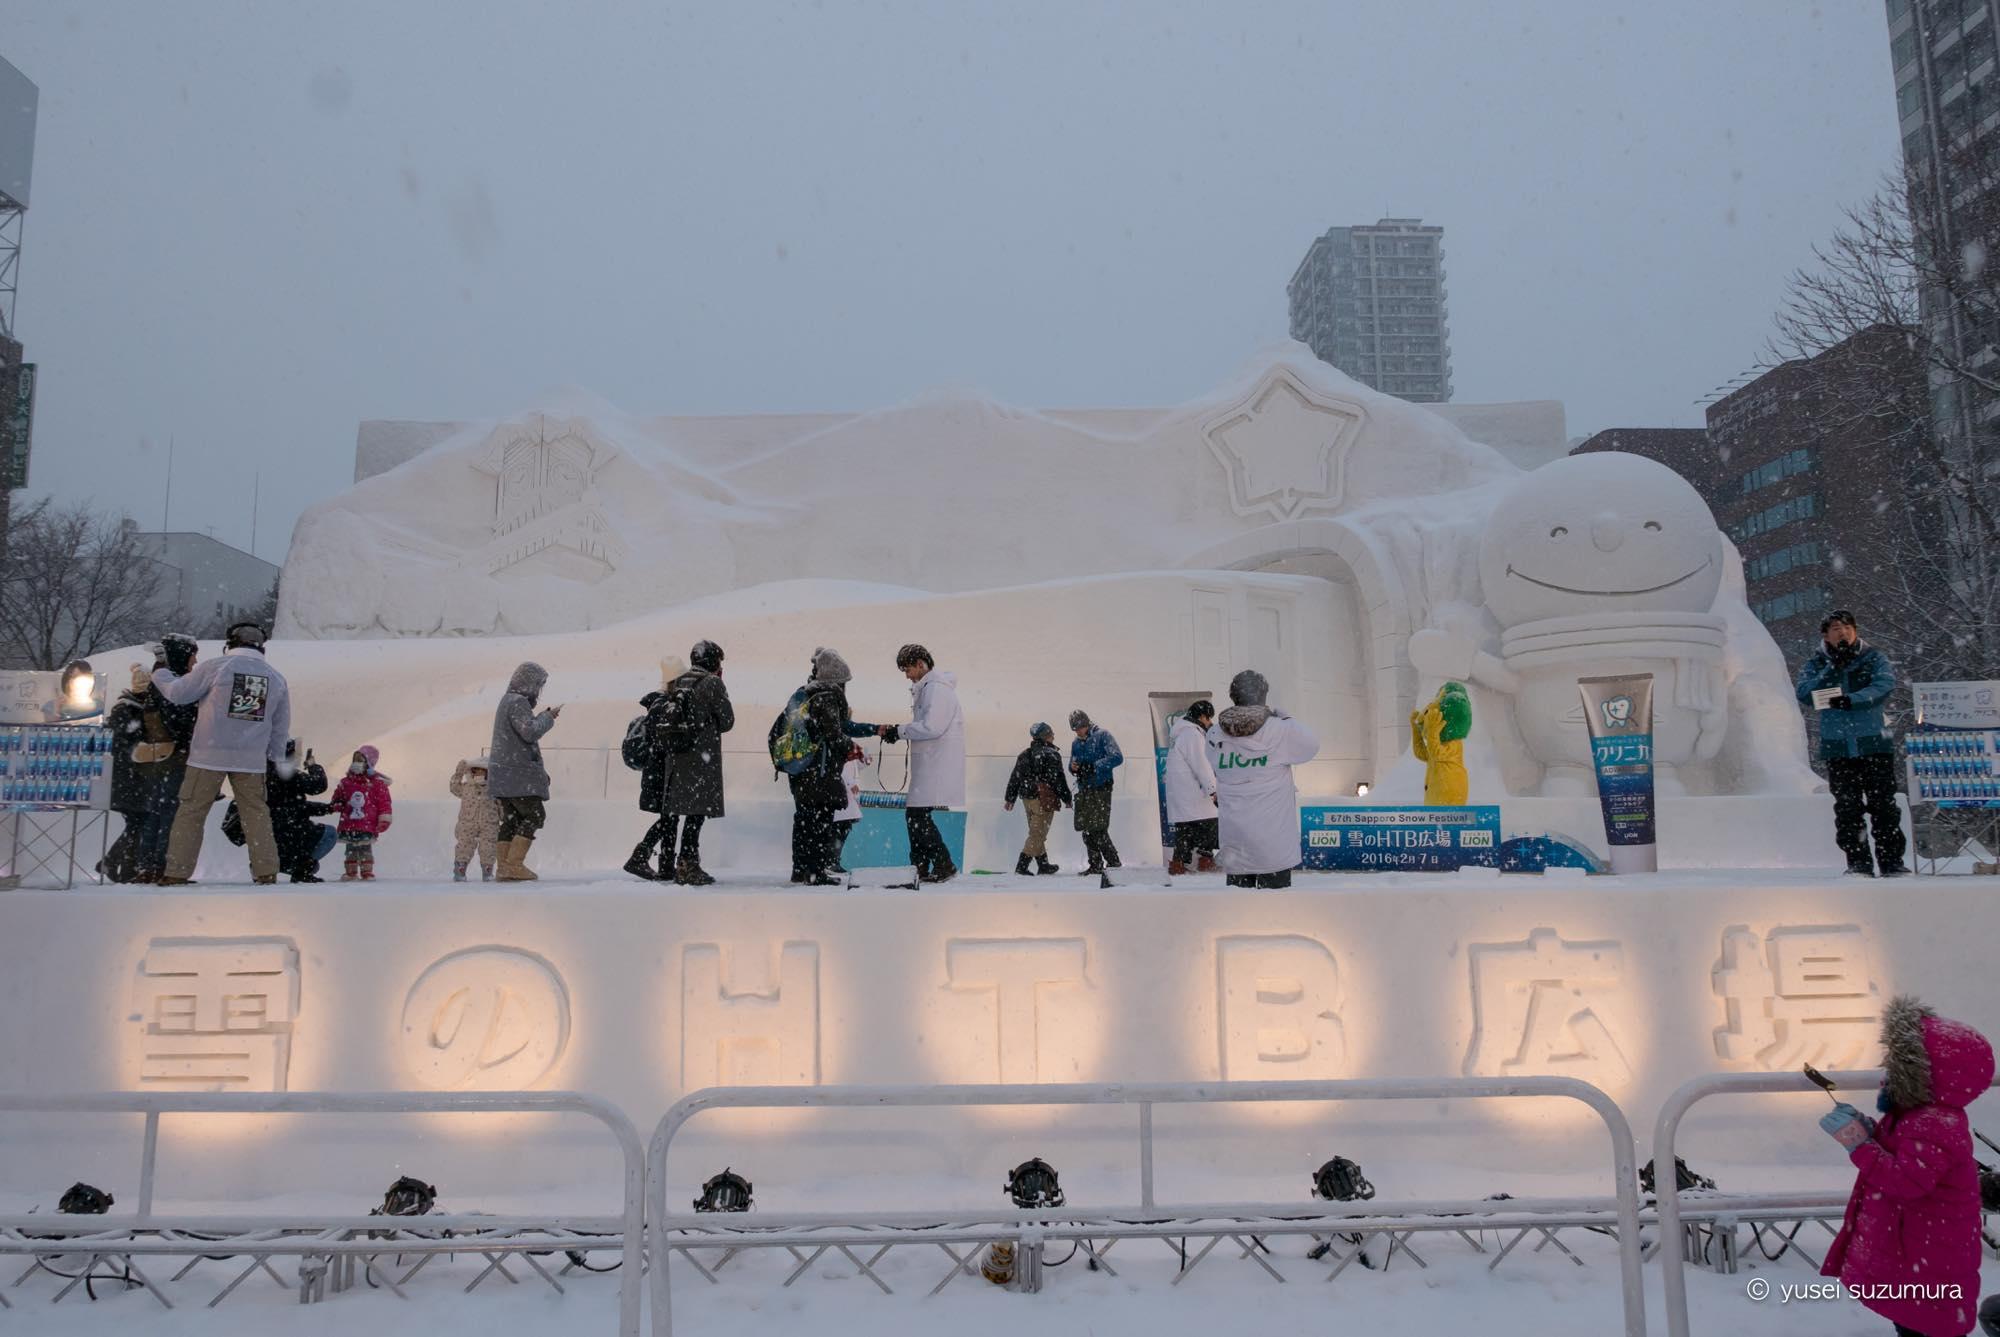 北海道新幹線 雪像